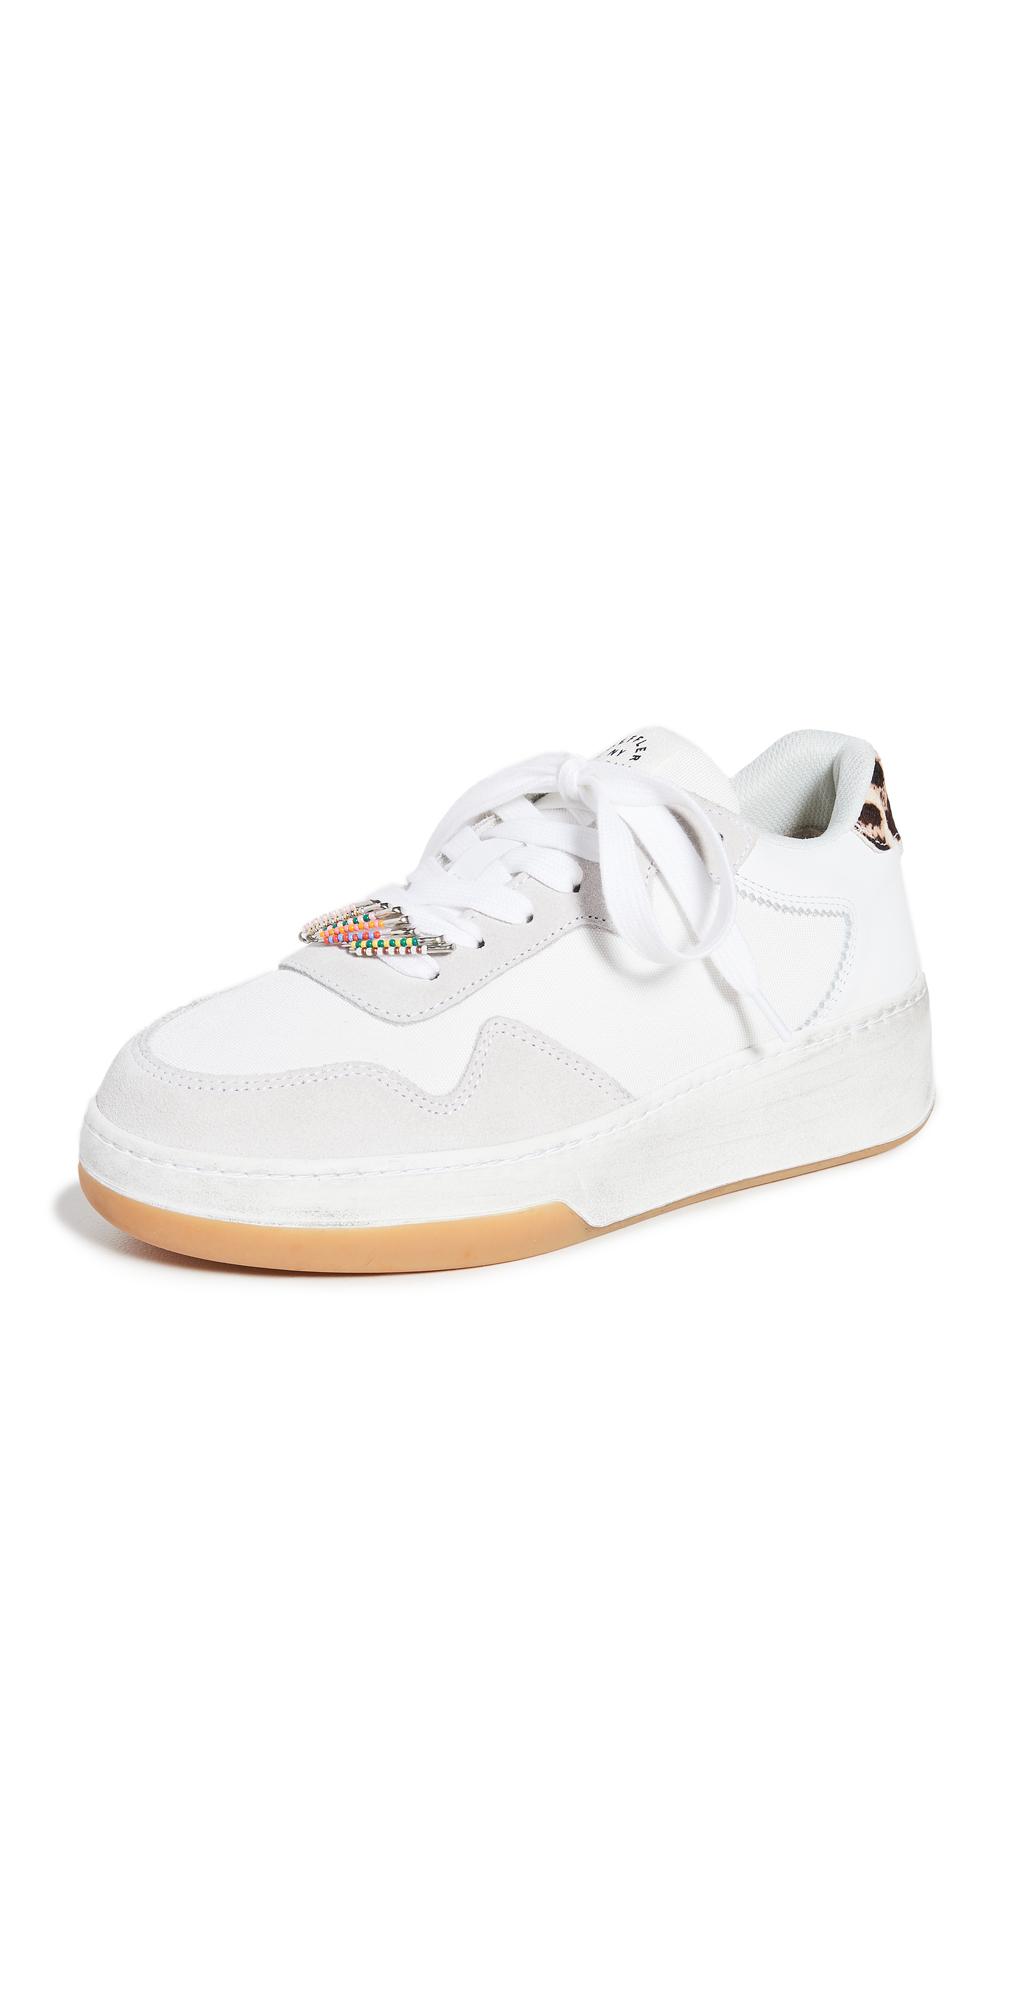 Loeffler Randall Keira Sneakers